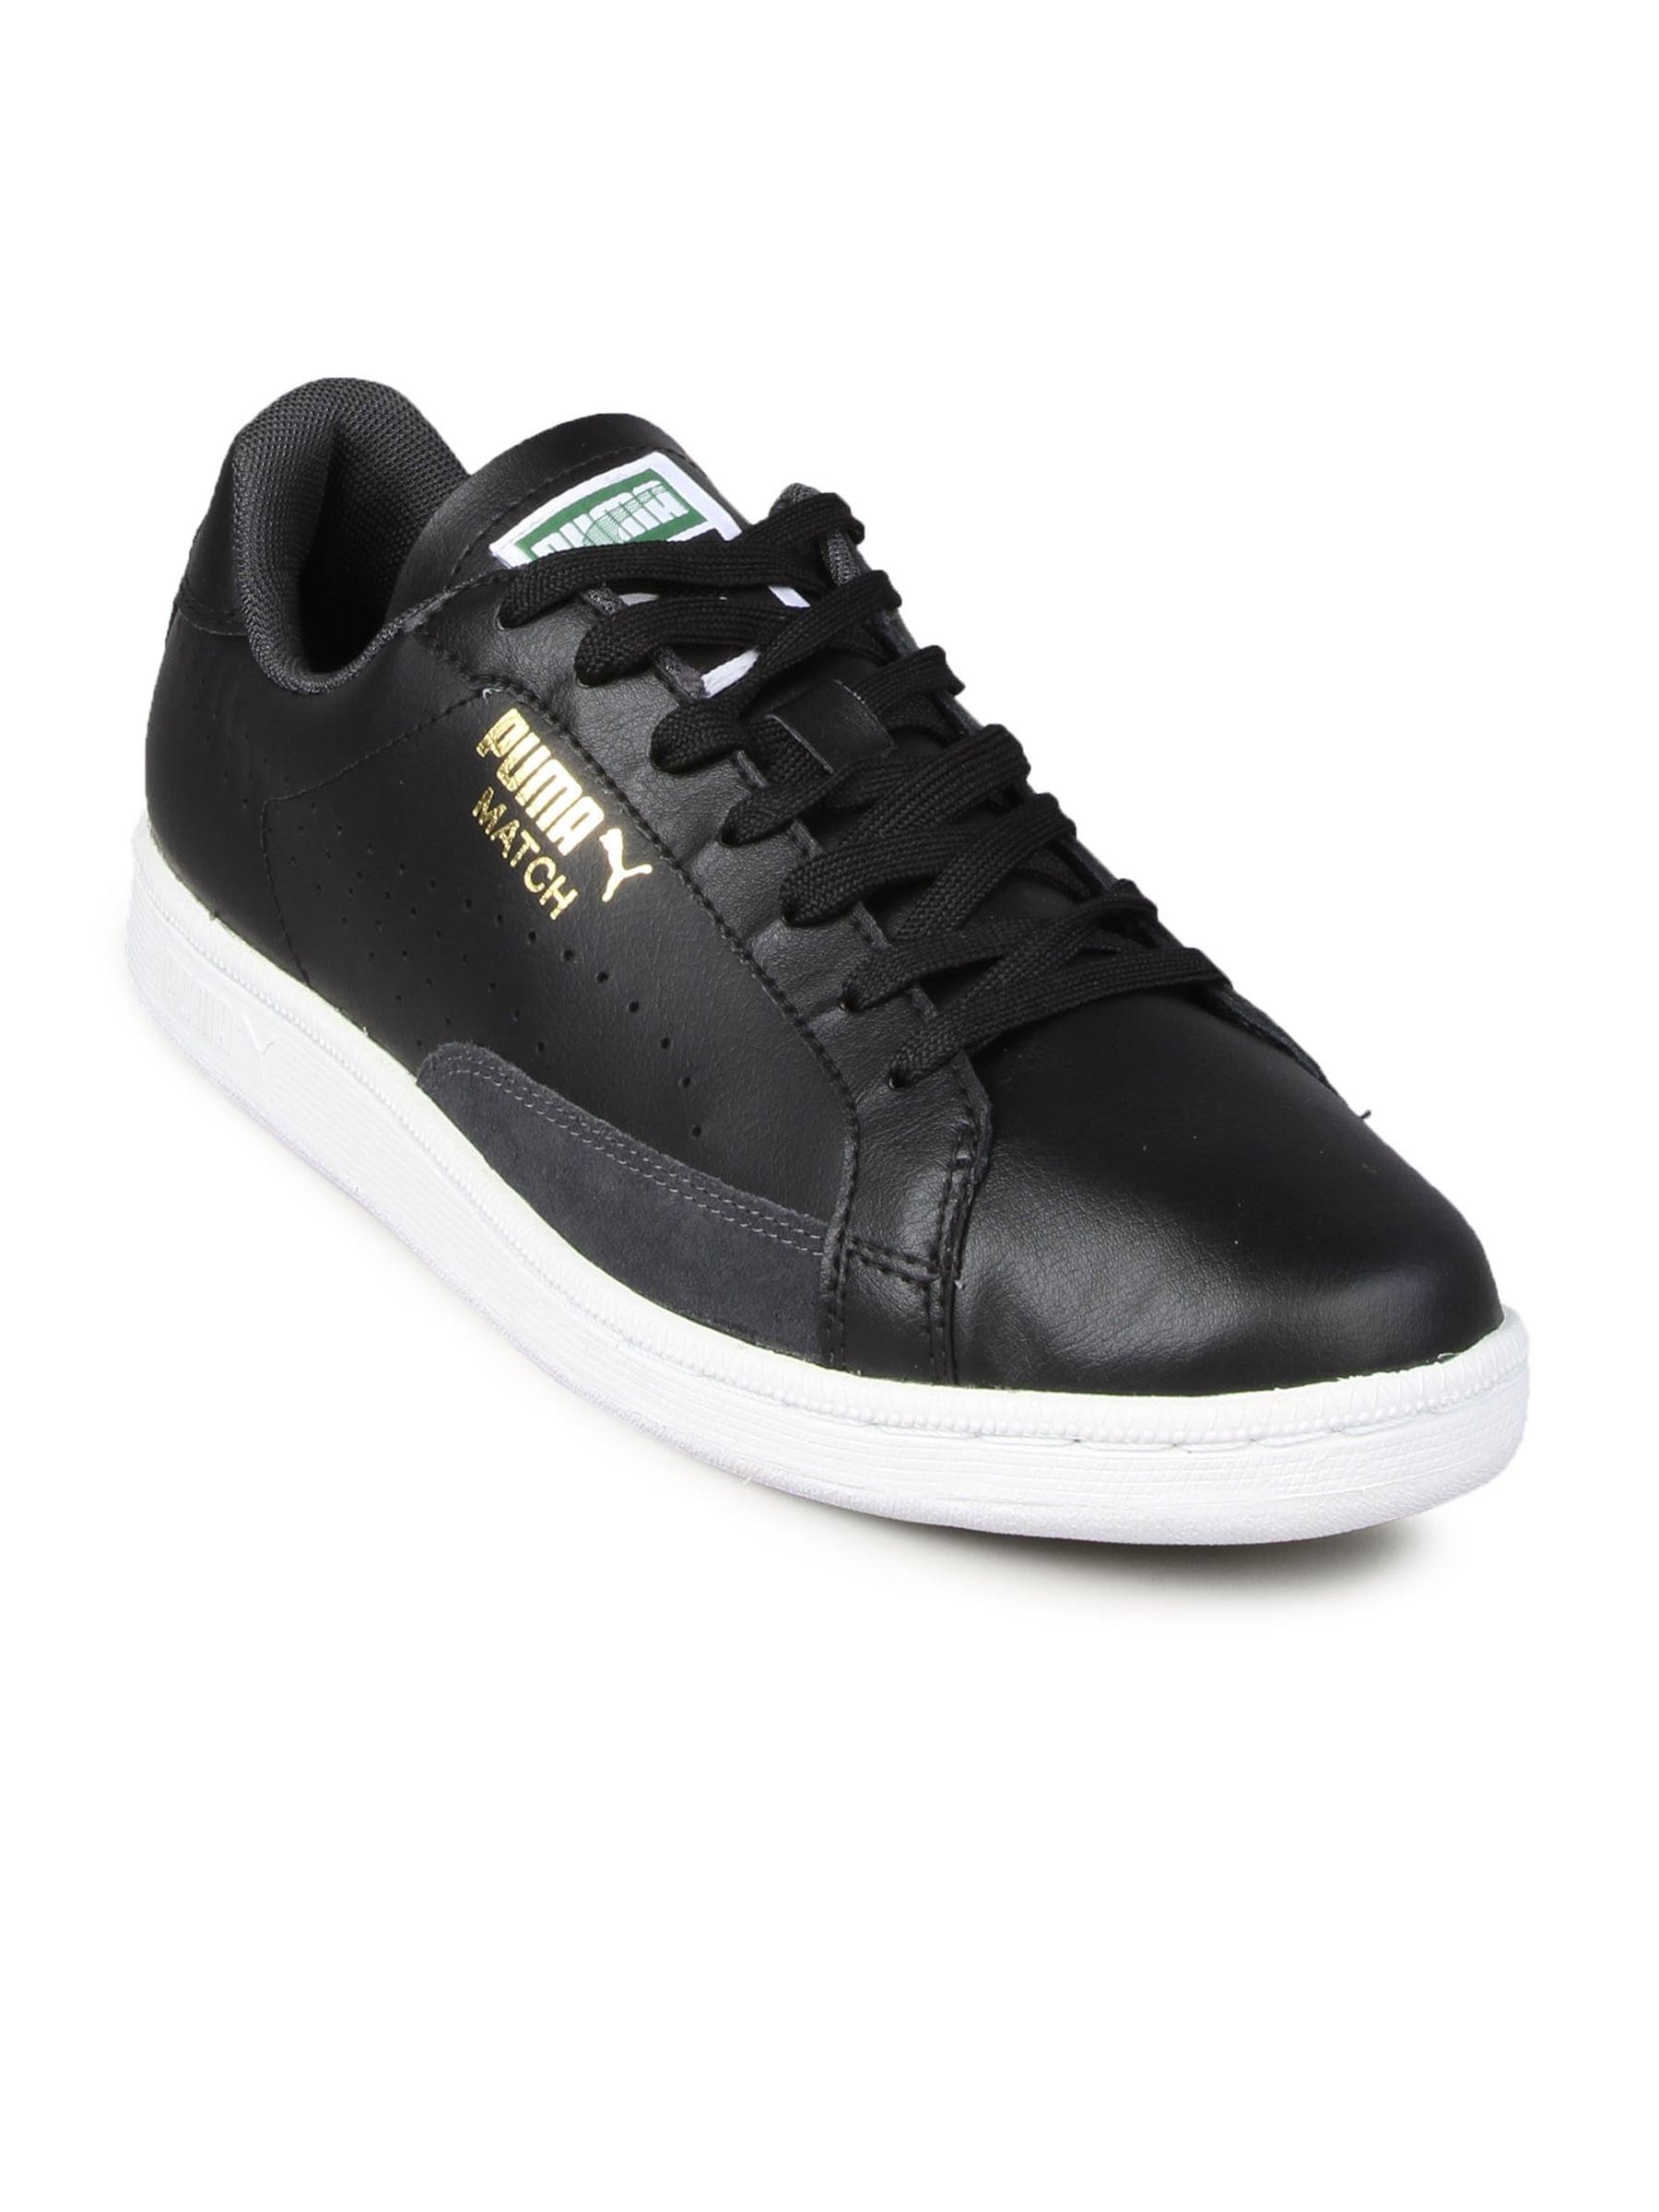 7edb39b671b Puma 35129003 Men Match Black White Shoe - Best Price in India ...